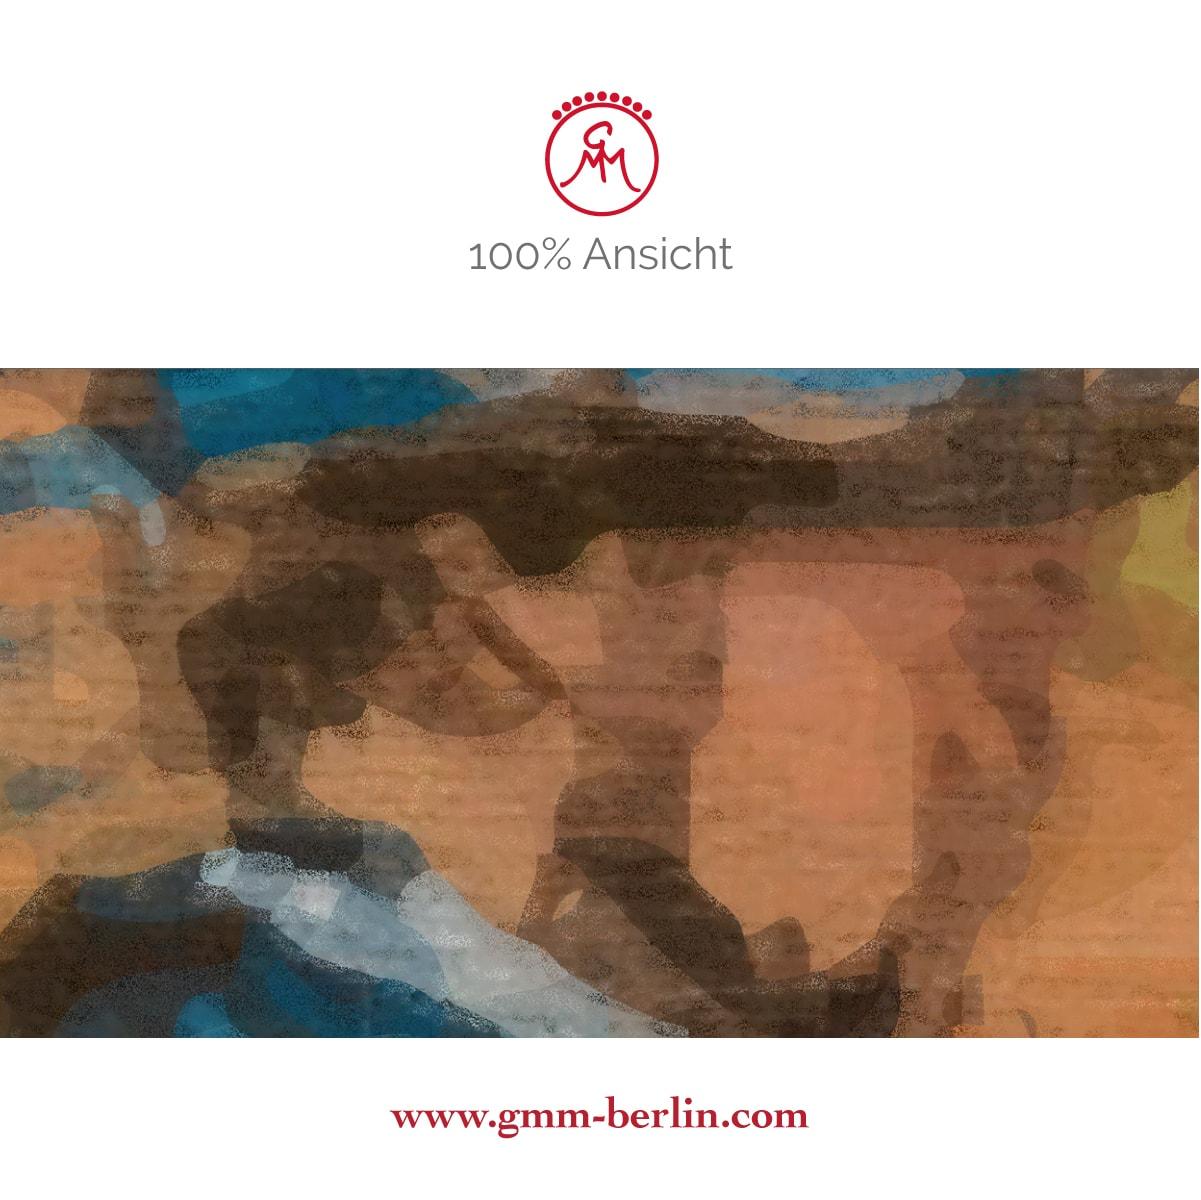 """Elegante Kunst Tapete """"Rennpferde"""" nach Edgar Degas - Bahn 46,5cm - H:2,8m x,26maus dem GMM-BERLIN.com Sortiment: braune Tapete zur Raumgestaltung: #00158 #Ambiente #Arbeitszimmer #Figuren #interior #interiordesign #Jugendzimmer #Kunst #Wohnzimmer für individuelles Interiordesign"""